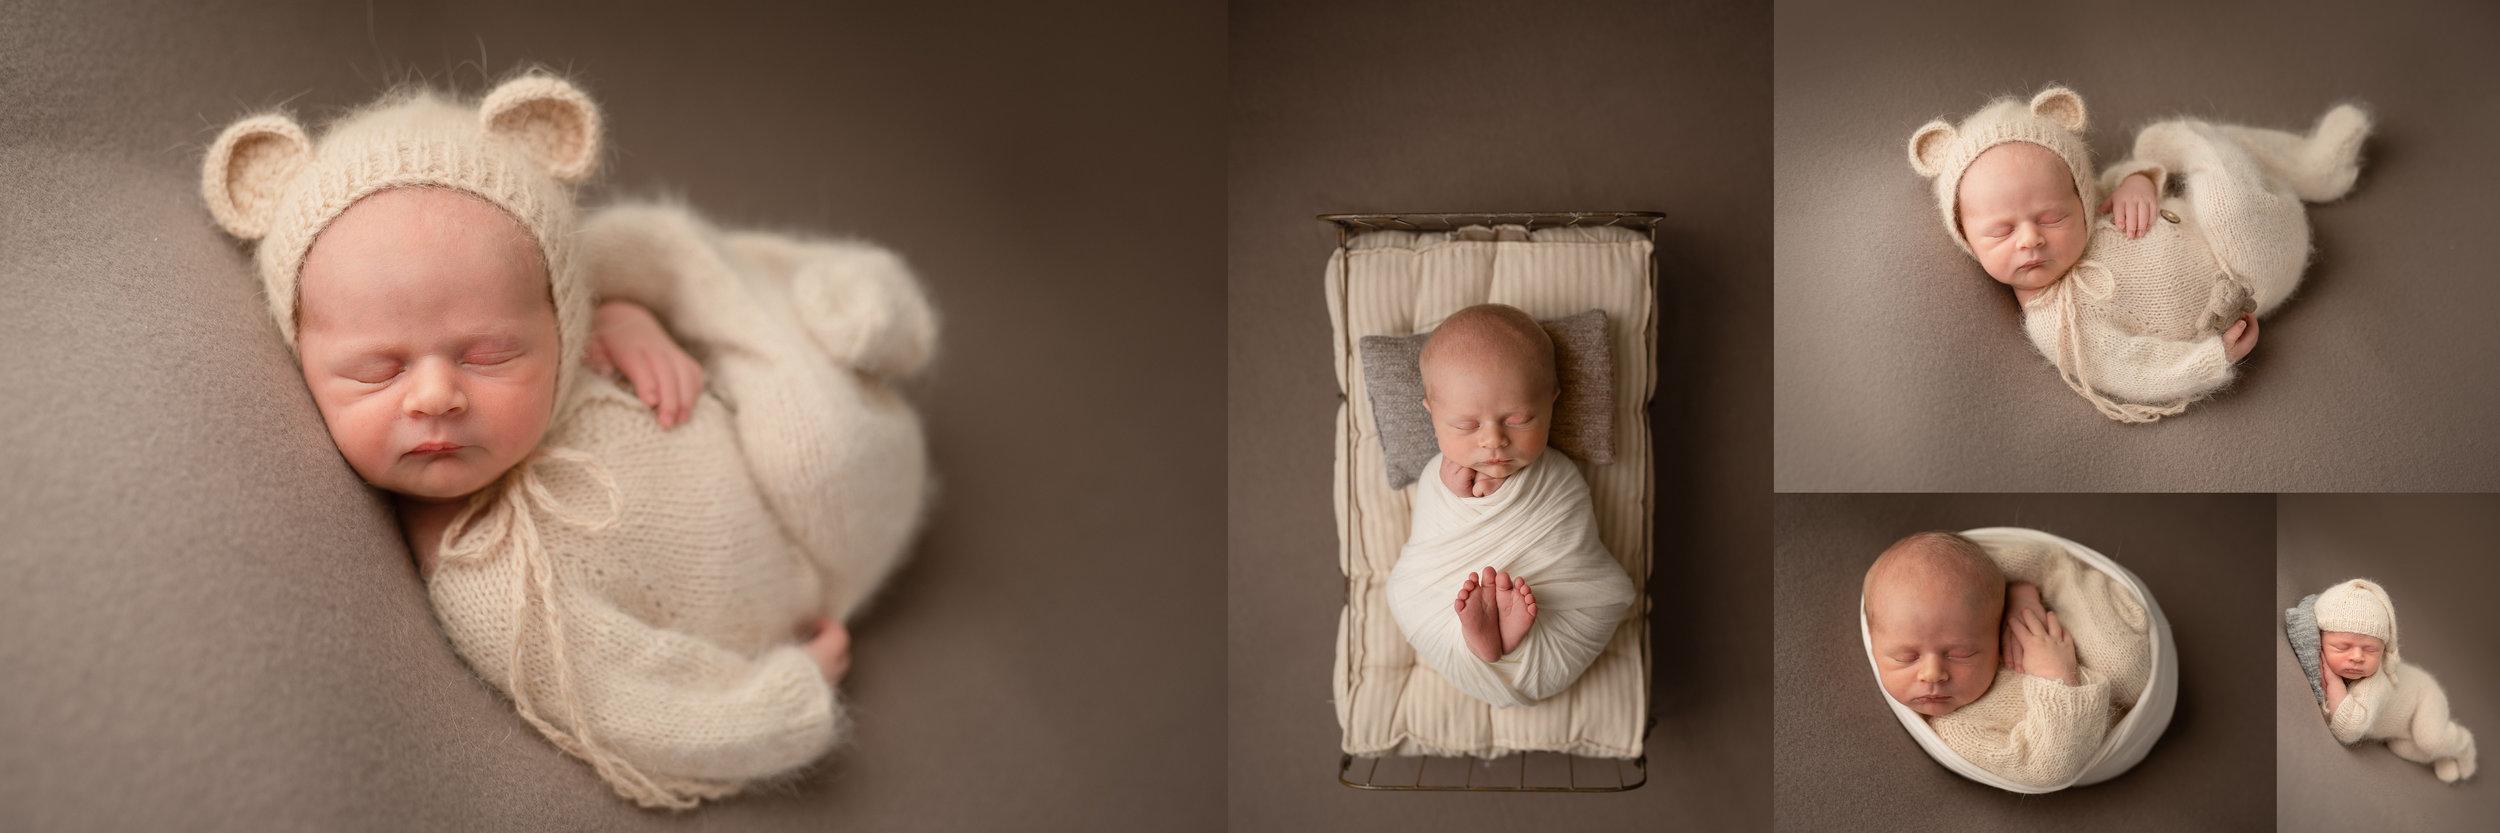 Newborn42-001.jpg